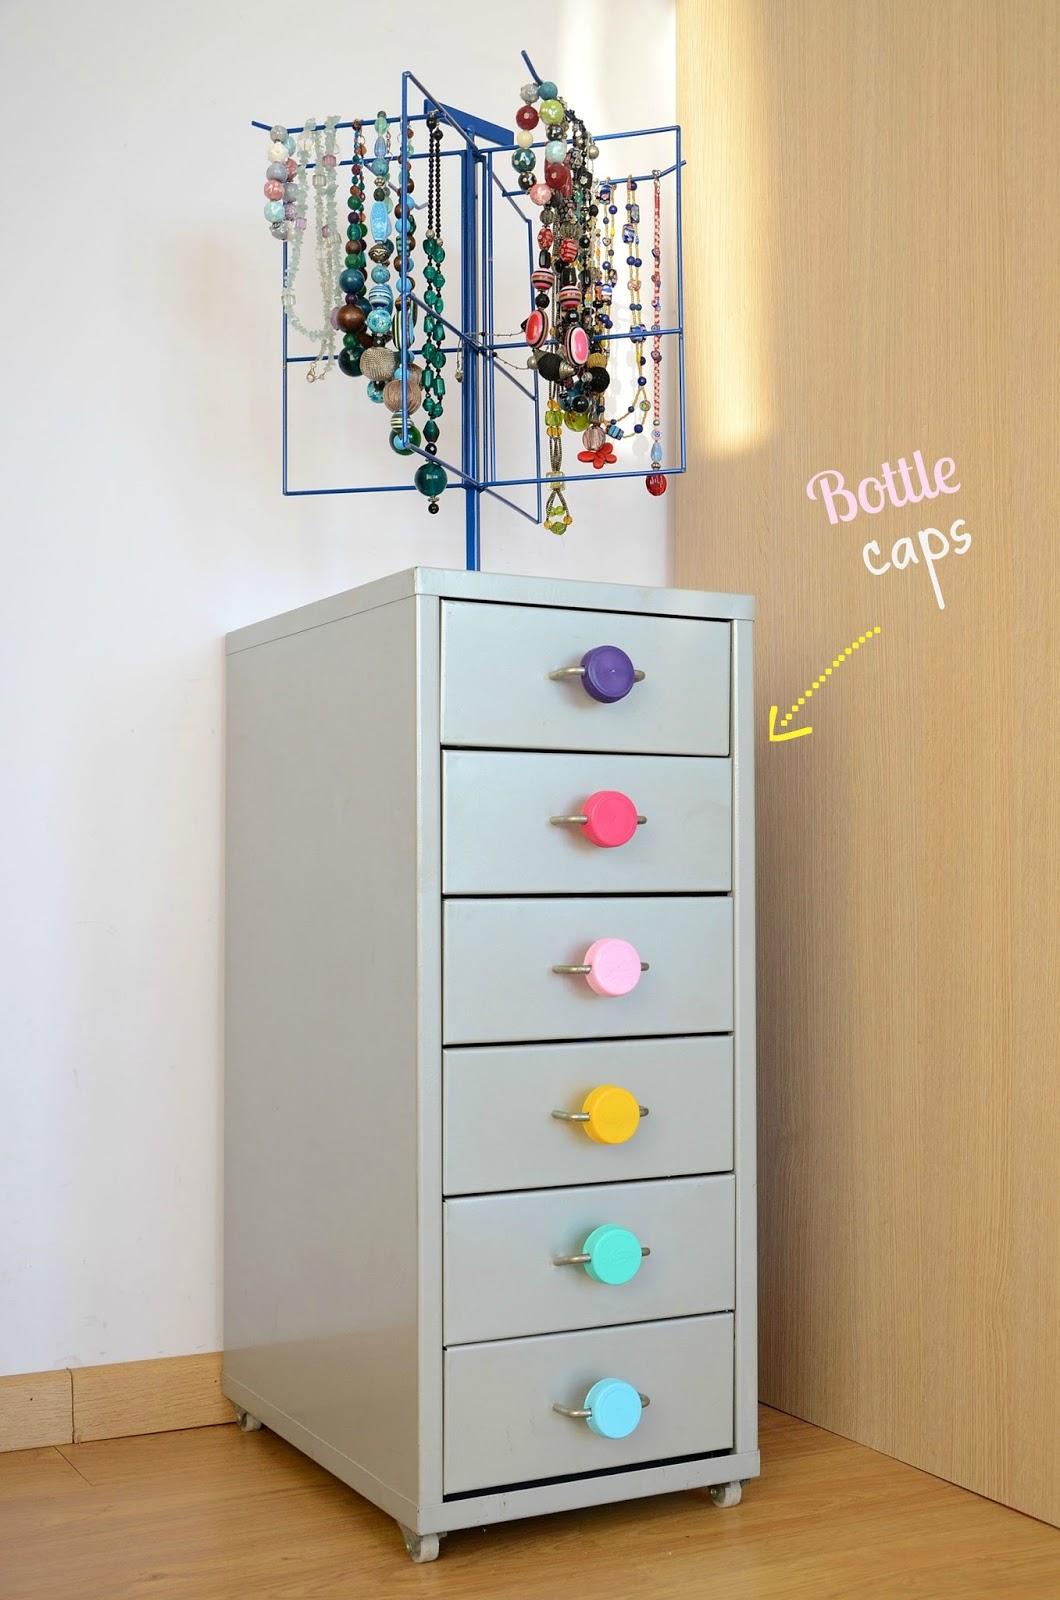 Linfa creativa diy come personalizzare la cassettiera - Cassettiera per armadio ikea ...